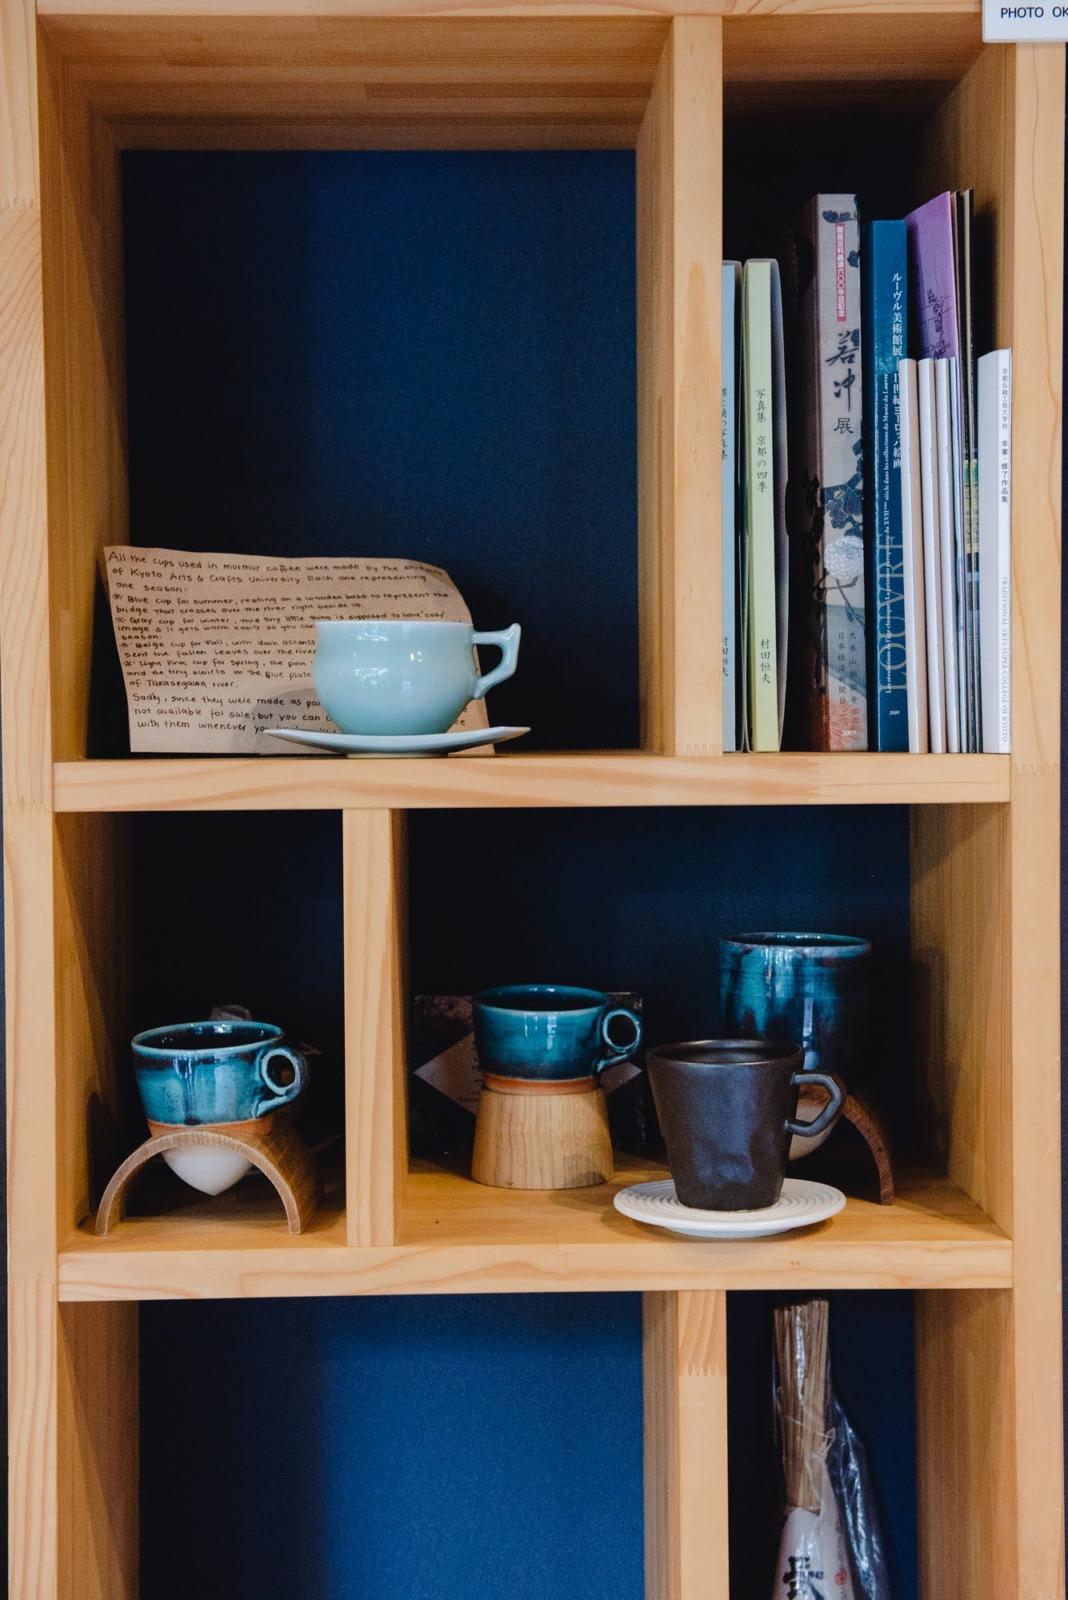 ほどよい距離感で人をつなげるmurmur coffee kyotoの本棚